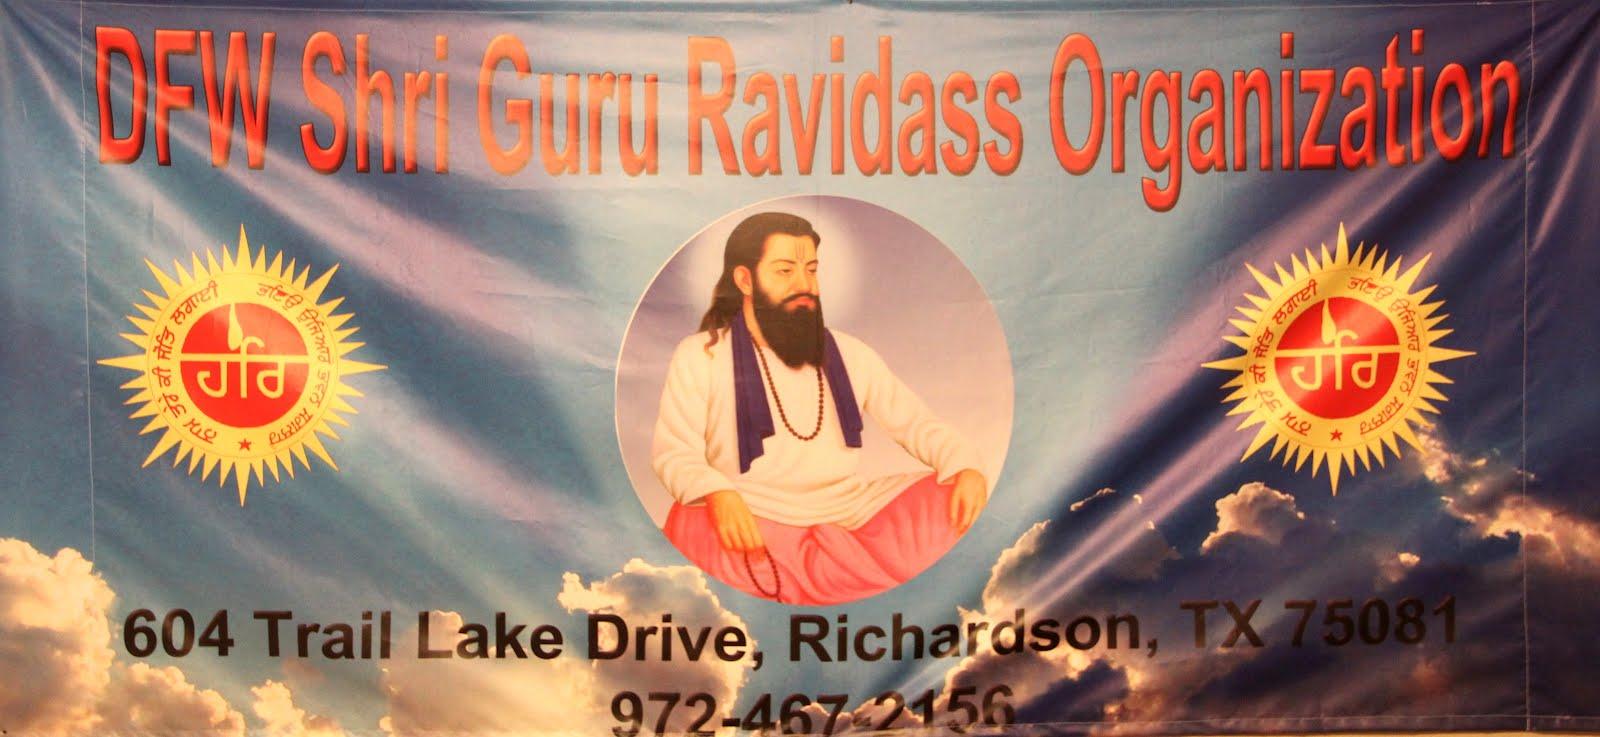 DFW Shri Guru Ravidass Organization